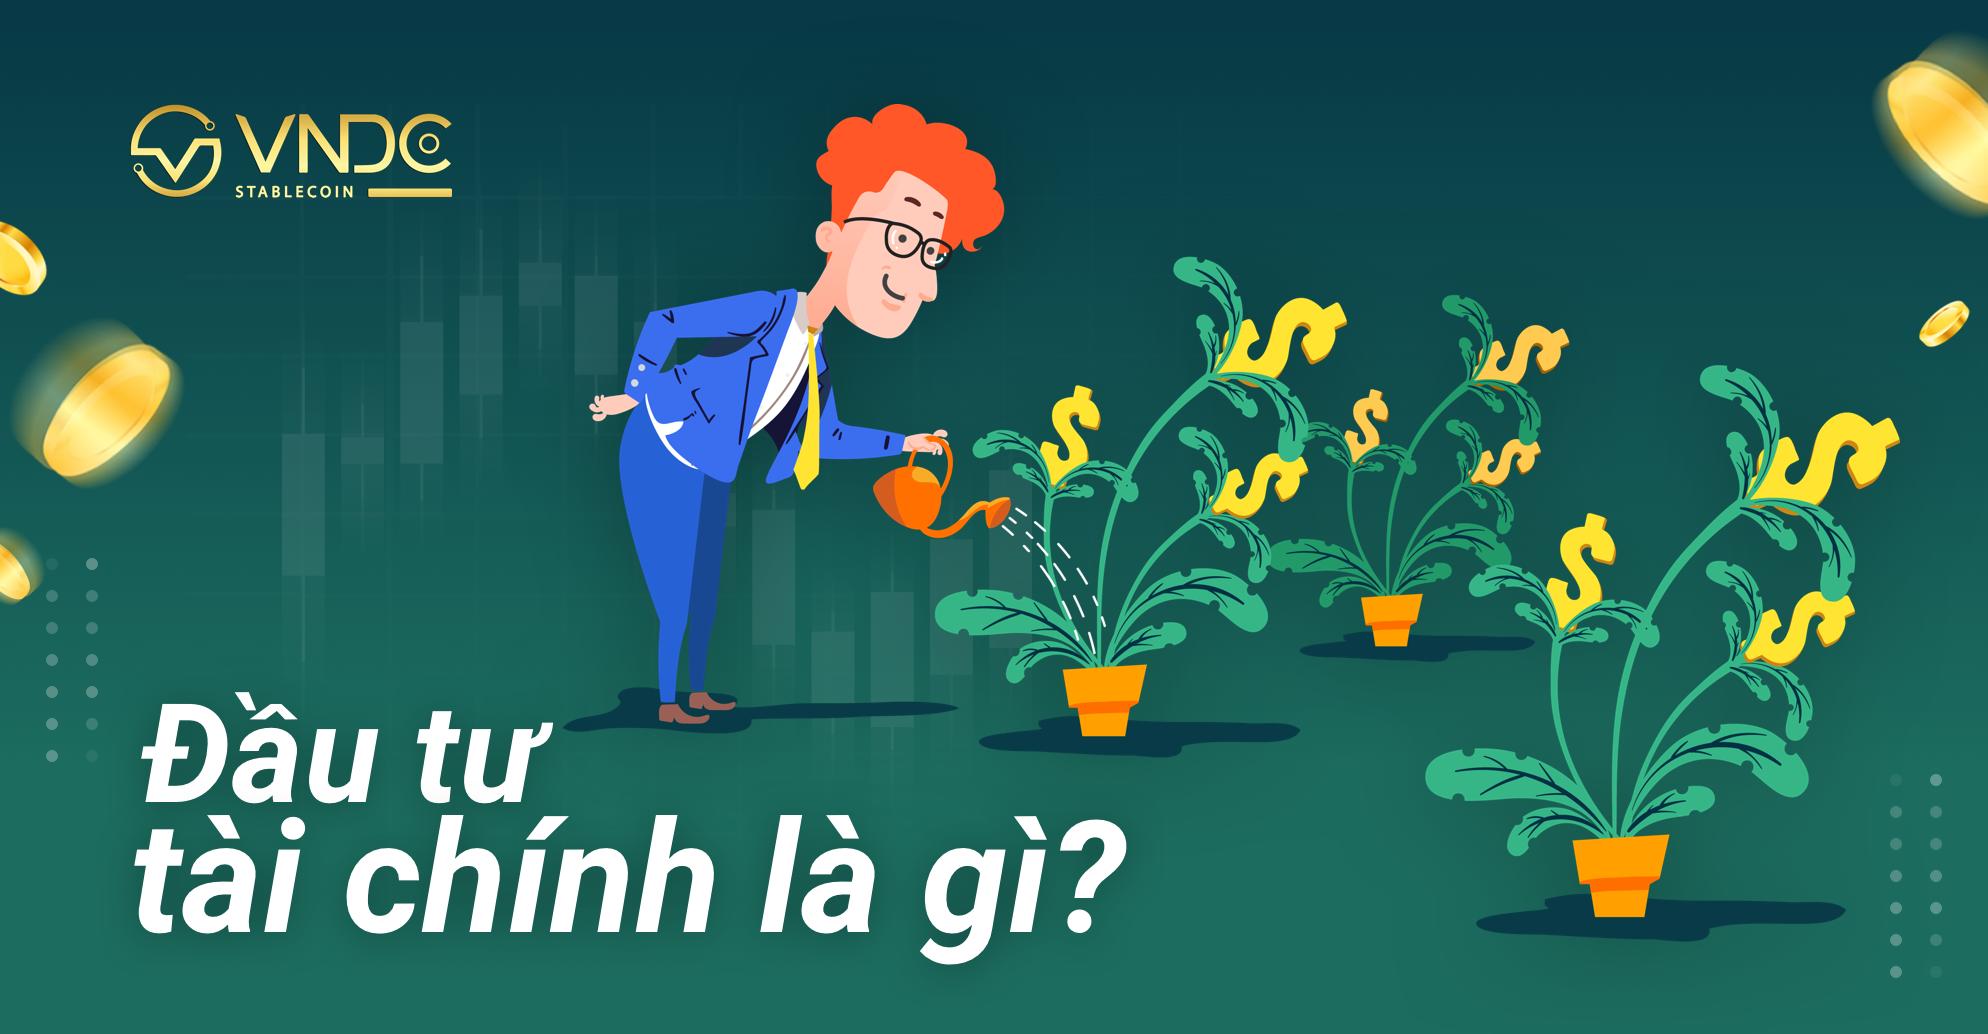 Đầu tư tài chính là gì? So sánh các kênh đầu tư tài chính thịnh hành nhất hiện nay